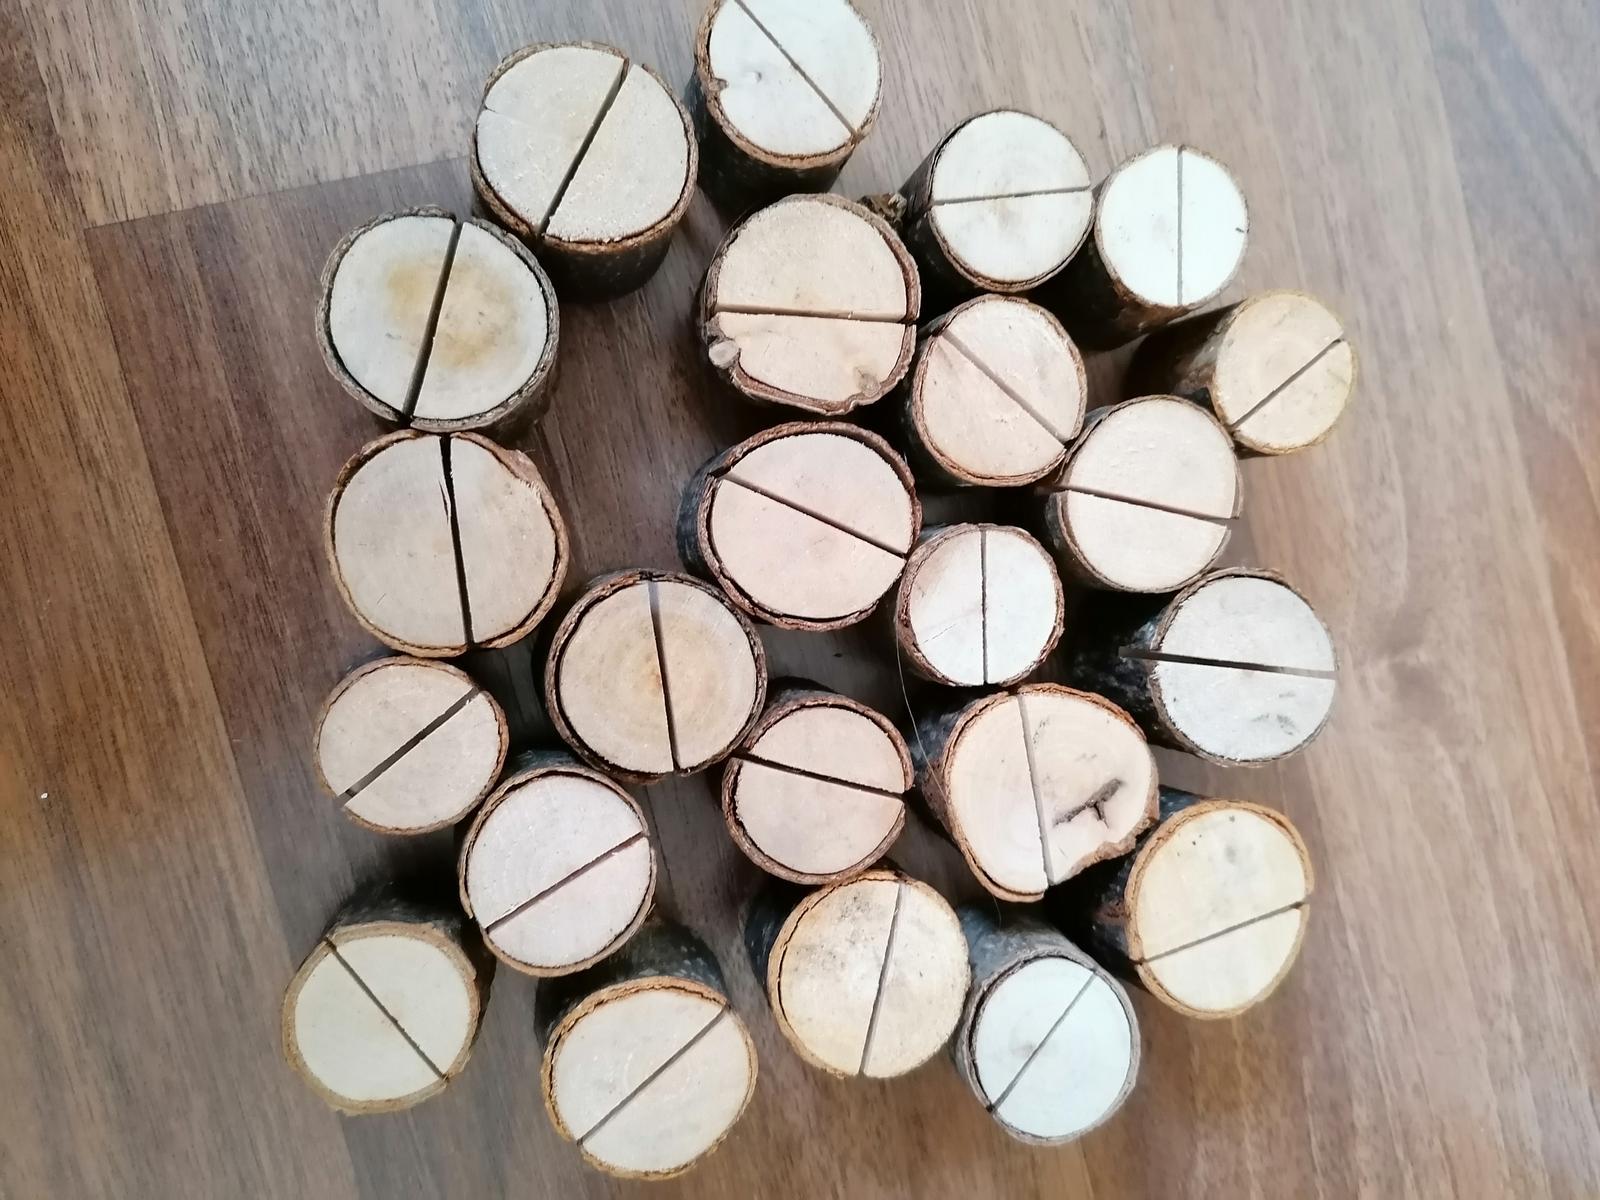 23 ks drevených stojanov na fotky, menu atď - Obrázok č. 1